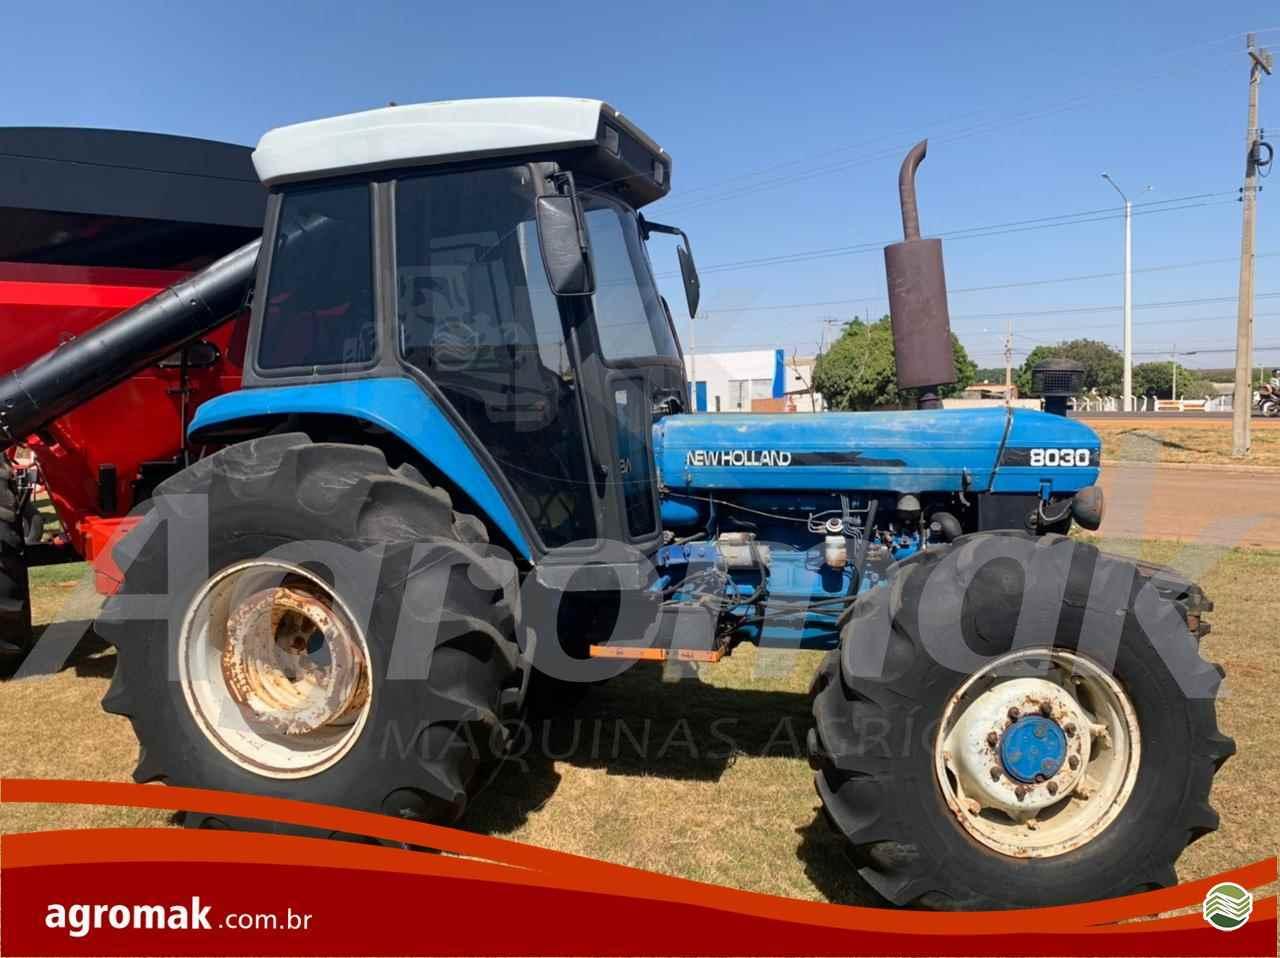 TRATOR NEW HOLLAND NEW 8030 Tração 4x4 Agromak Máquinas Agrícolas CAMPO VERDE MATO GROSSO MT